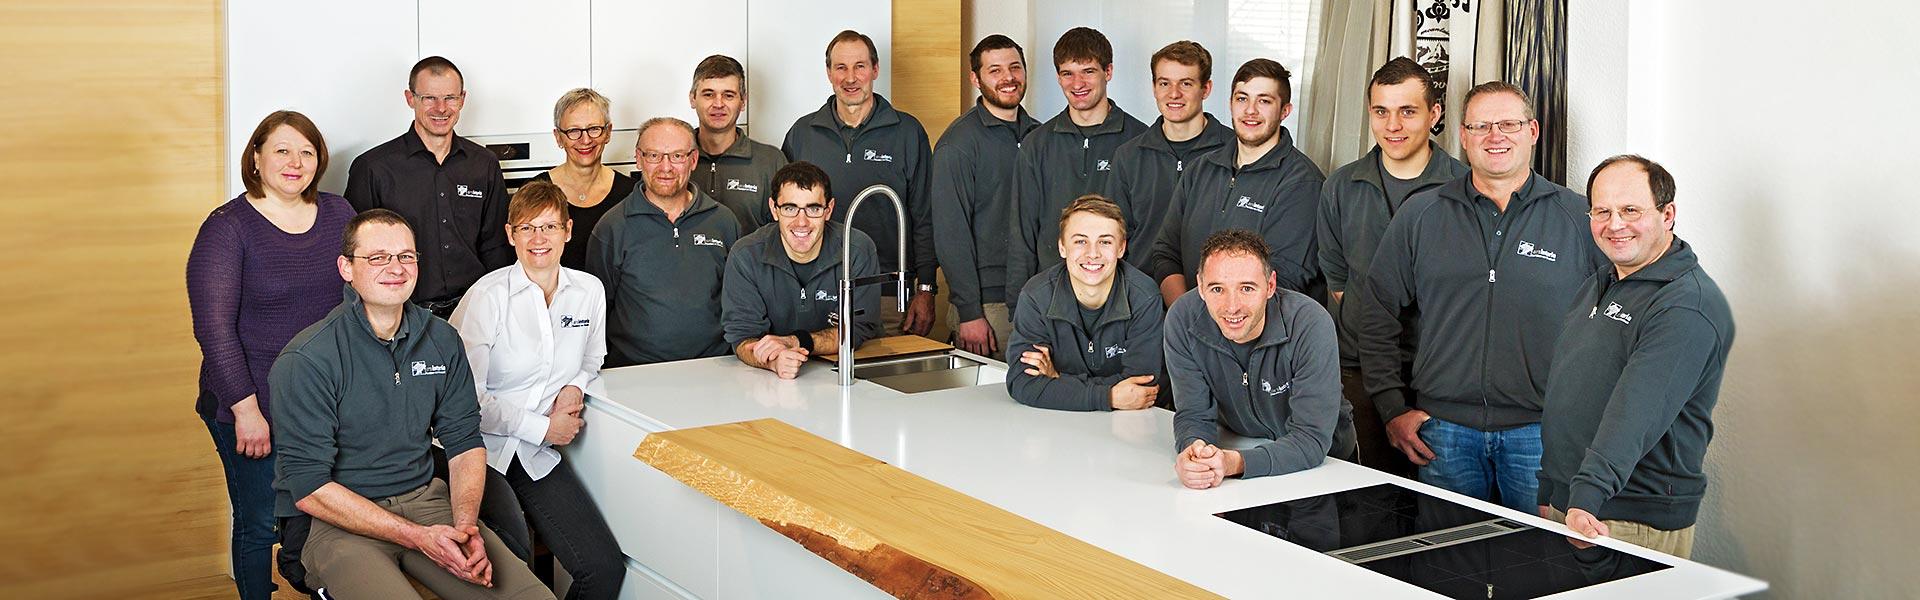 Team von arsinteria - Raumideen von Föhrenbach